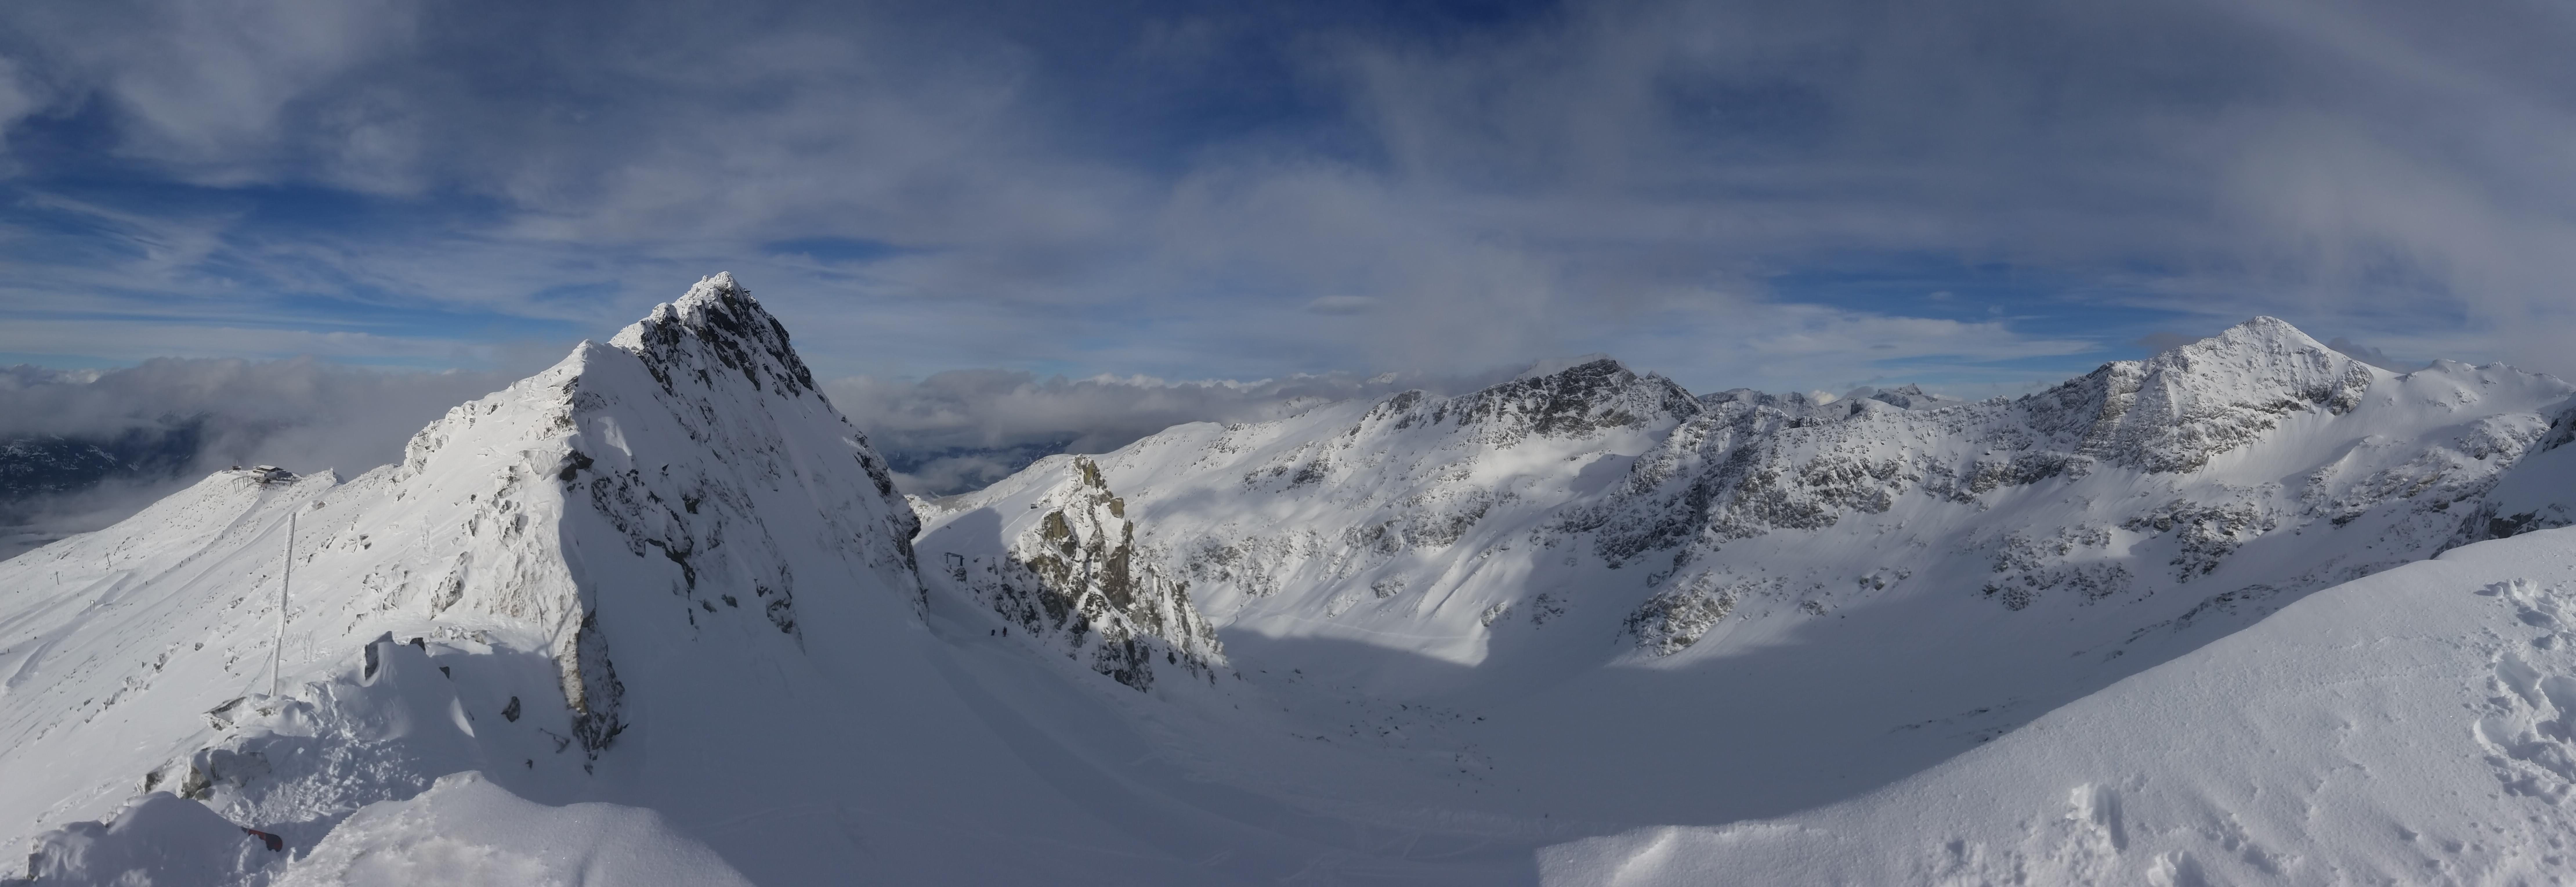 Frisk puddersne på toppen af bjerget